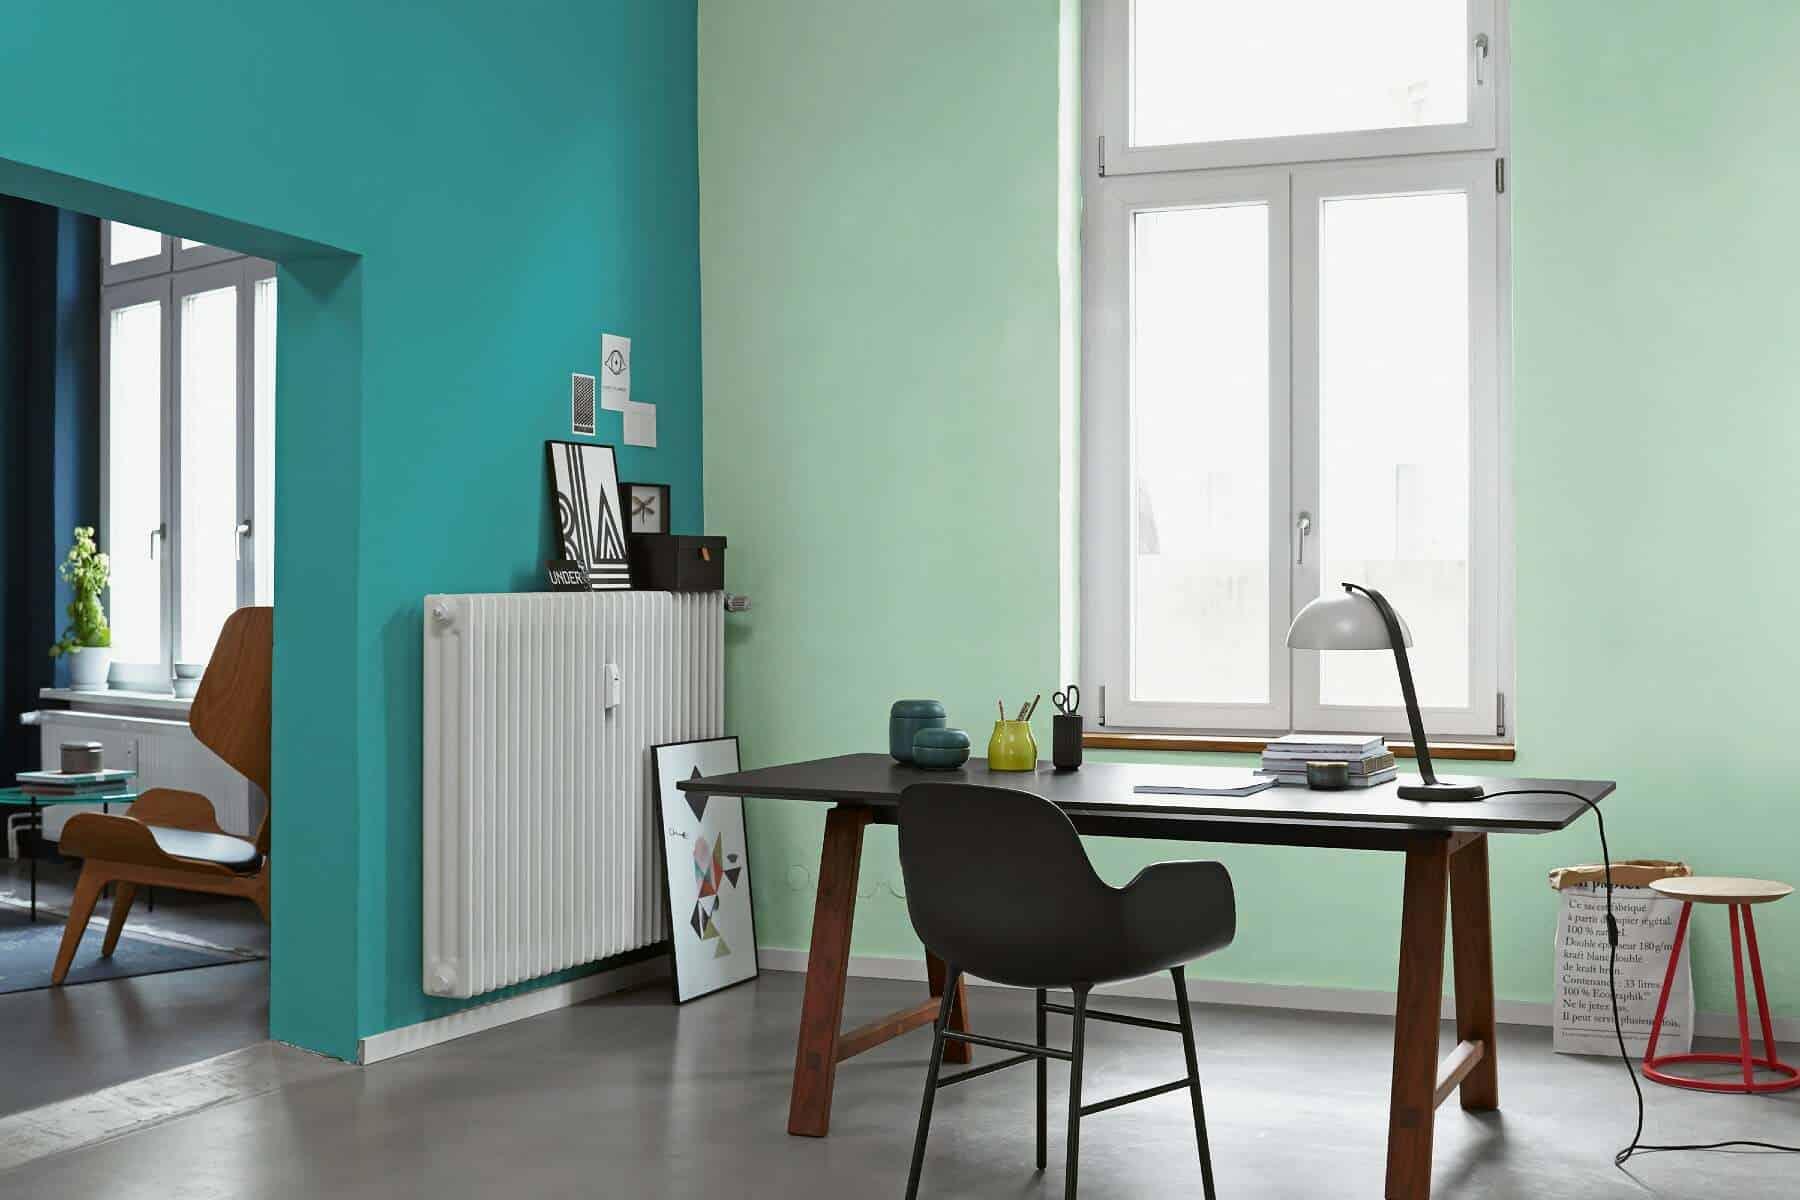 Schreibtisch im Arbeitszimmer mit grüner Wand